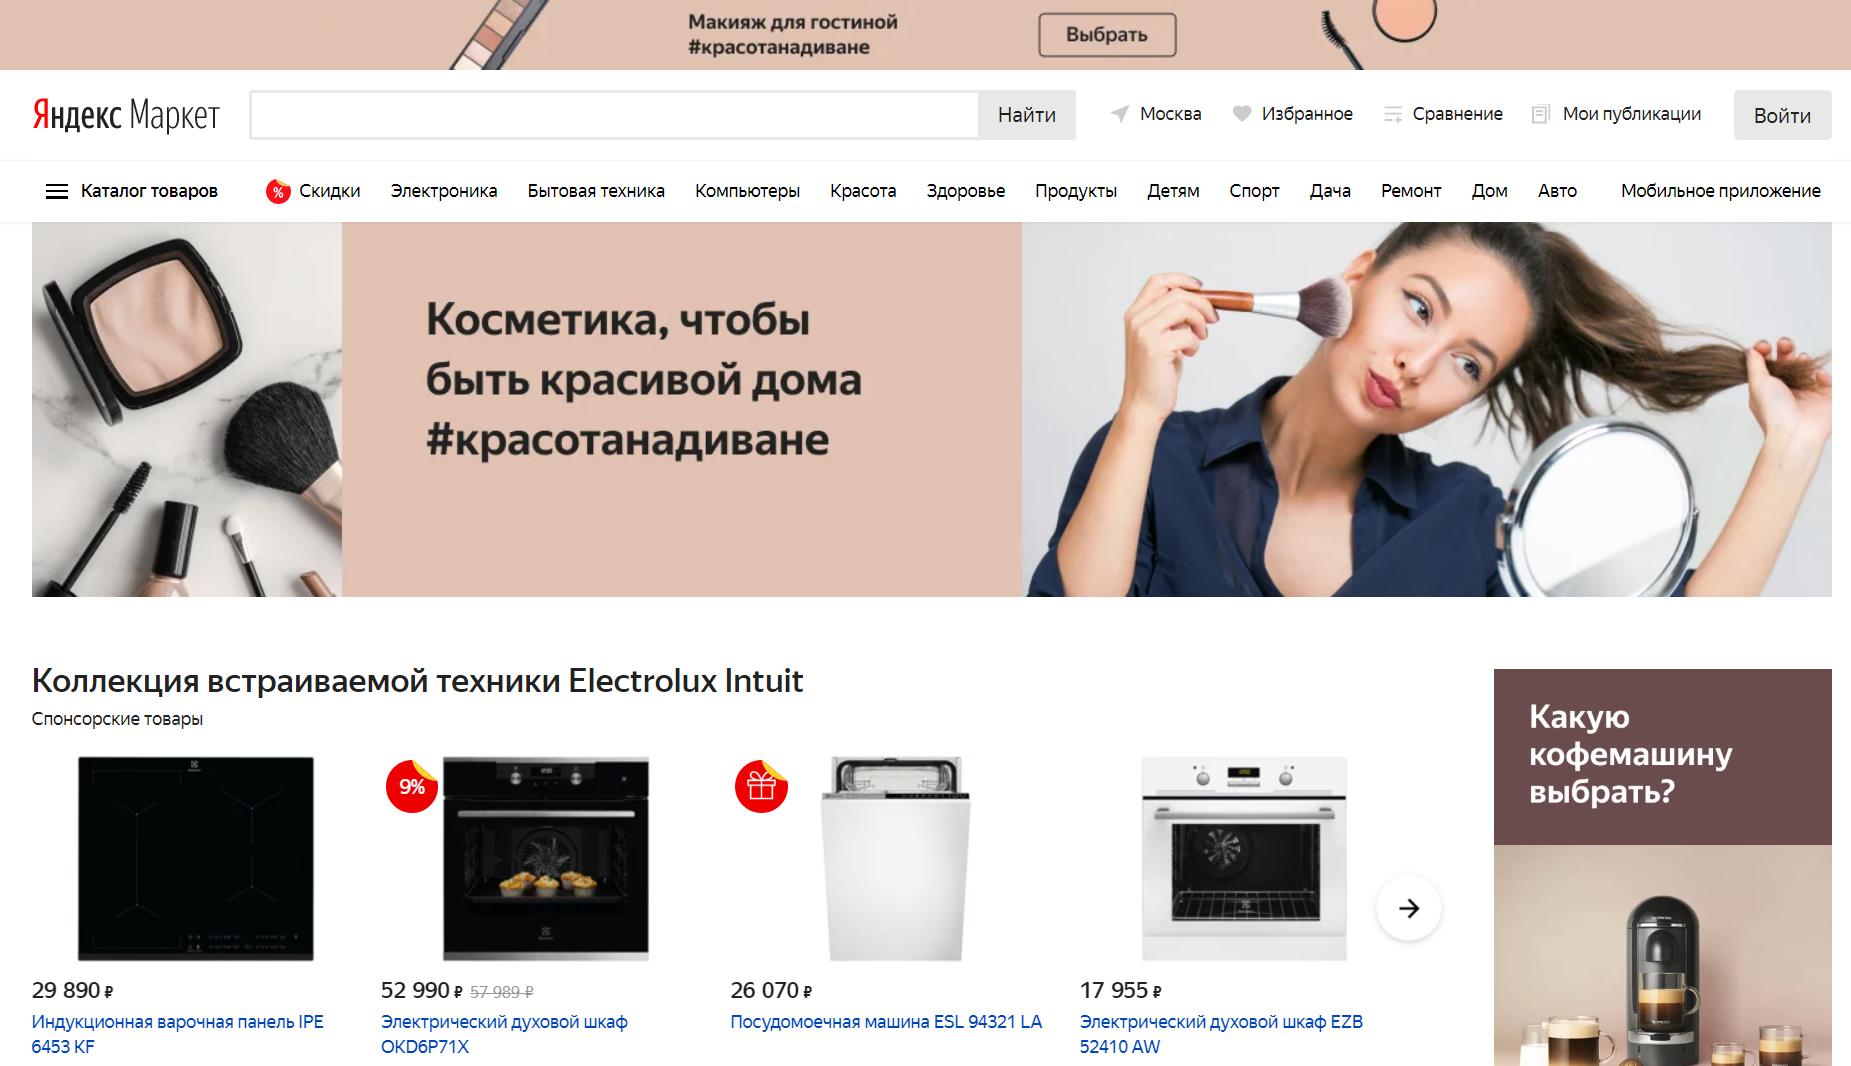 Интерфейс Яндекс.Маркета